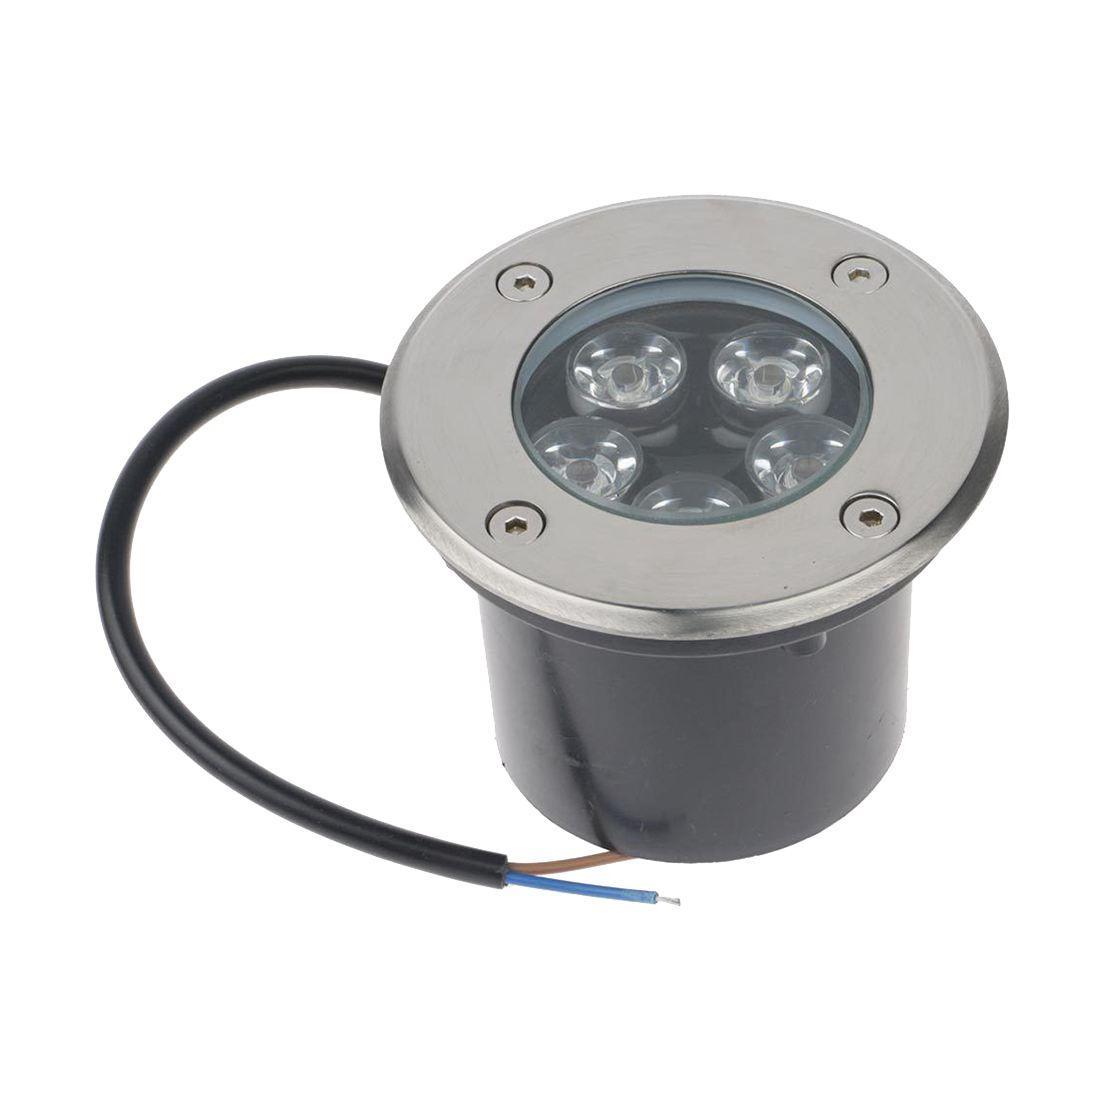 outdoor led spotlights battery powered led led floor light outdoor lighting garden lamp recessed spotlight 5w white led online